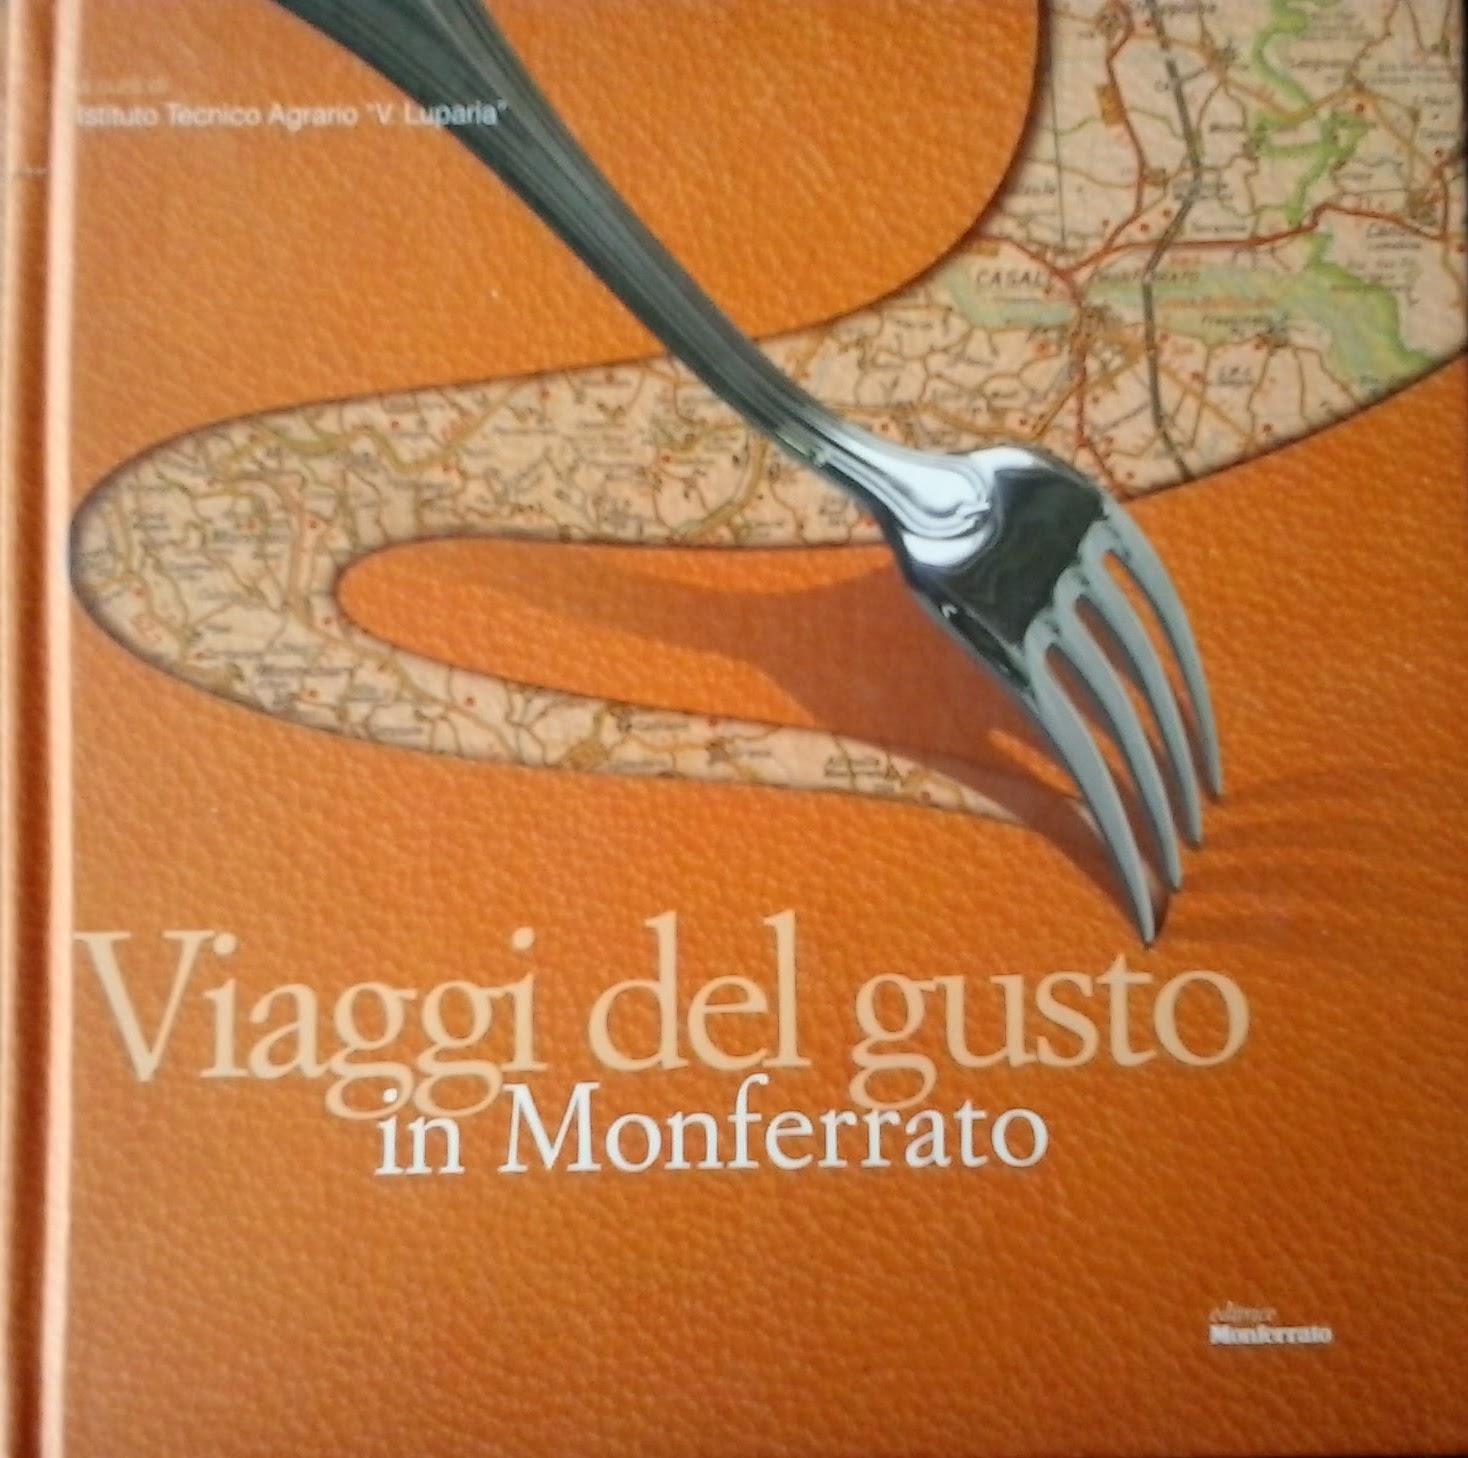 Viaggi del gusto in Monferrato